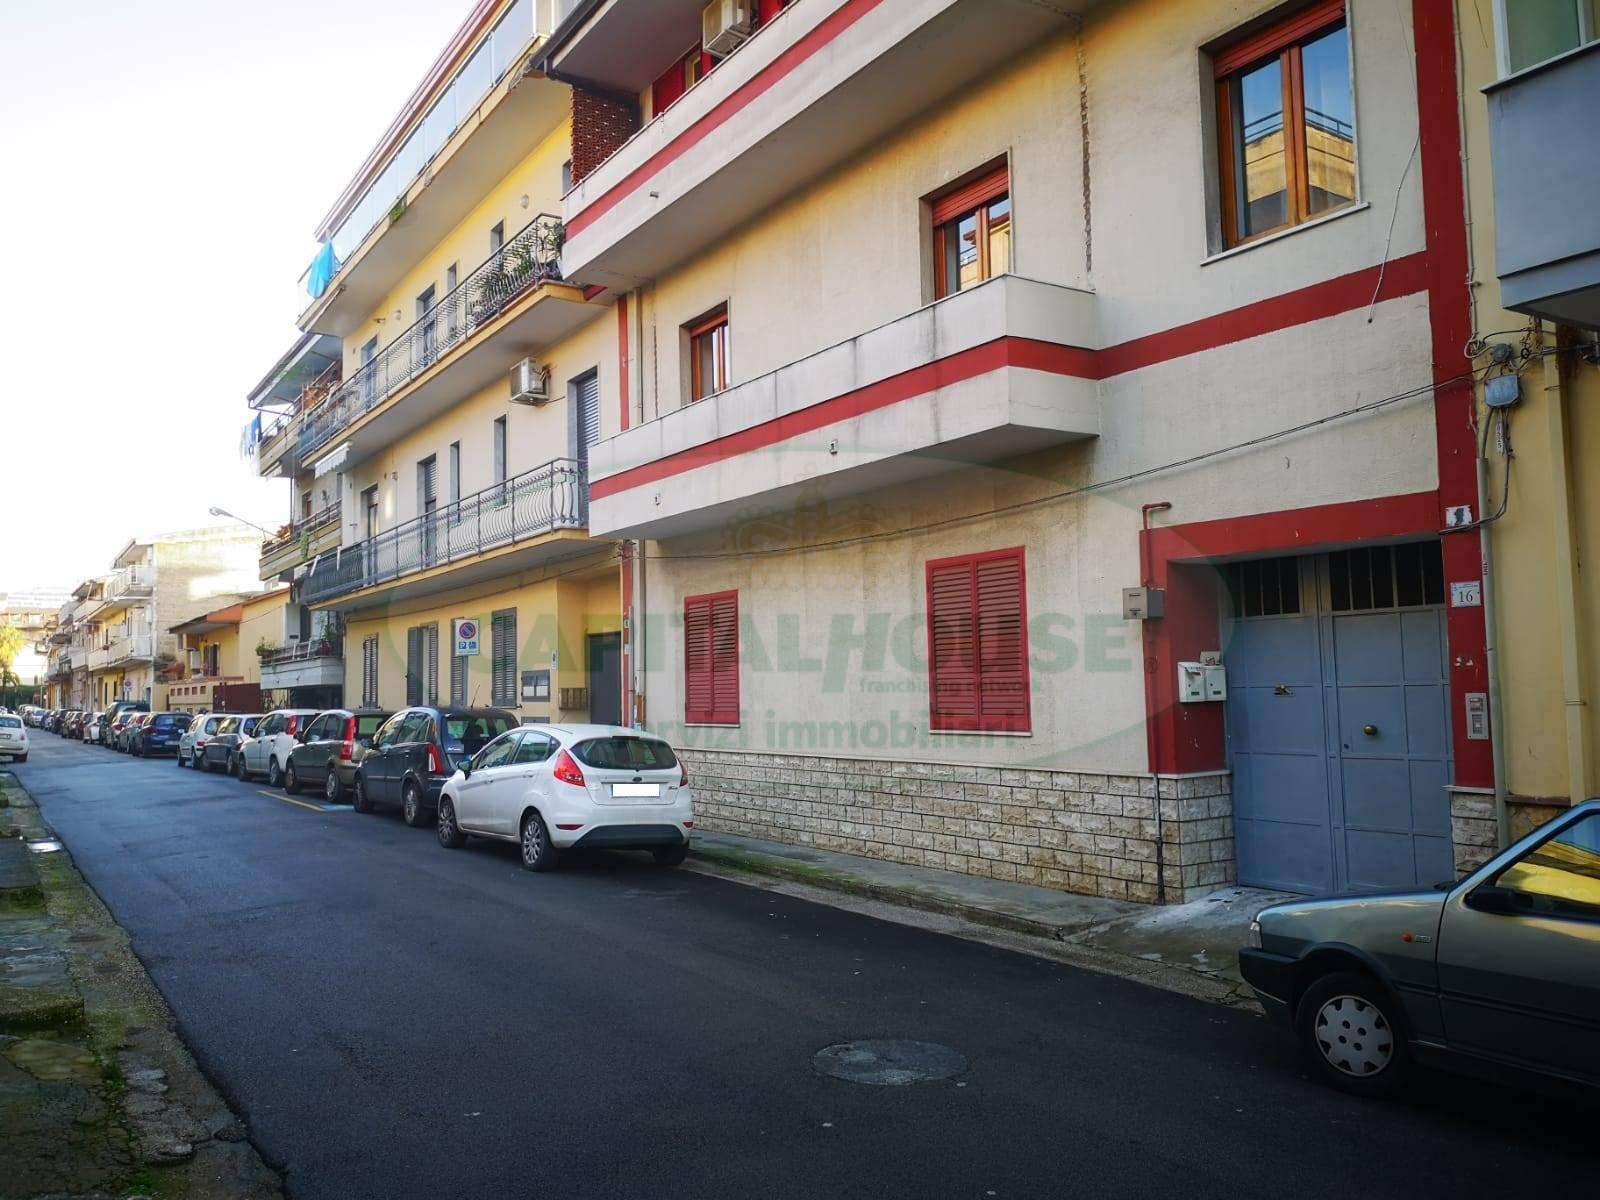 Appartamento in vendita a San Nicola la Strada, 5 locali, zona Località: Acquaviva, prezzo € 130.000 | CambioCasa.it